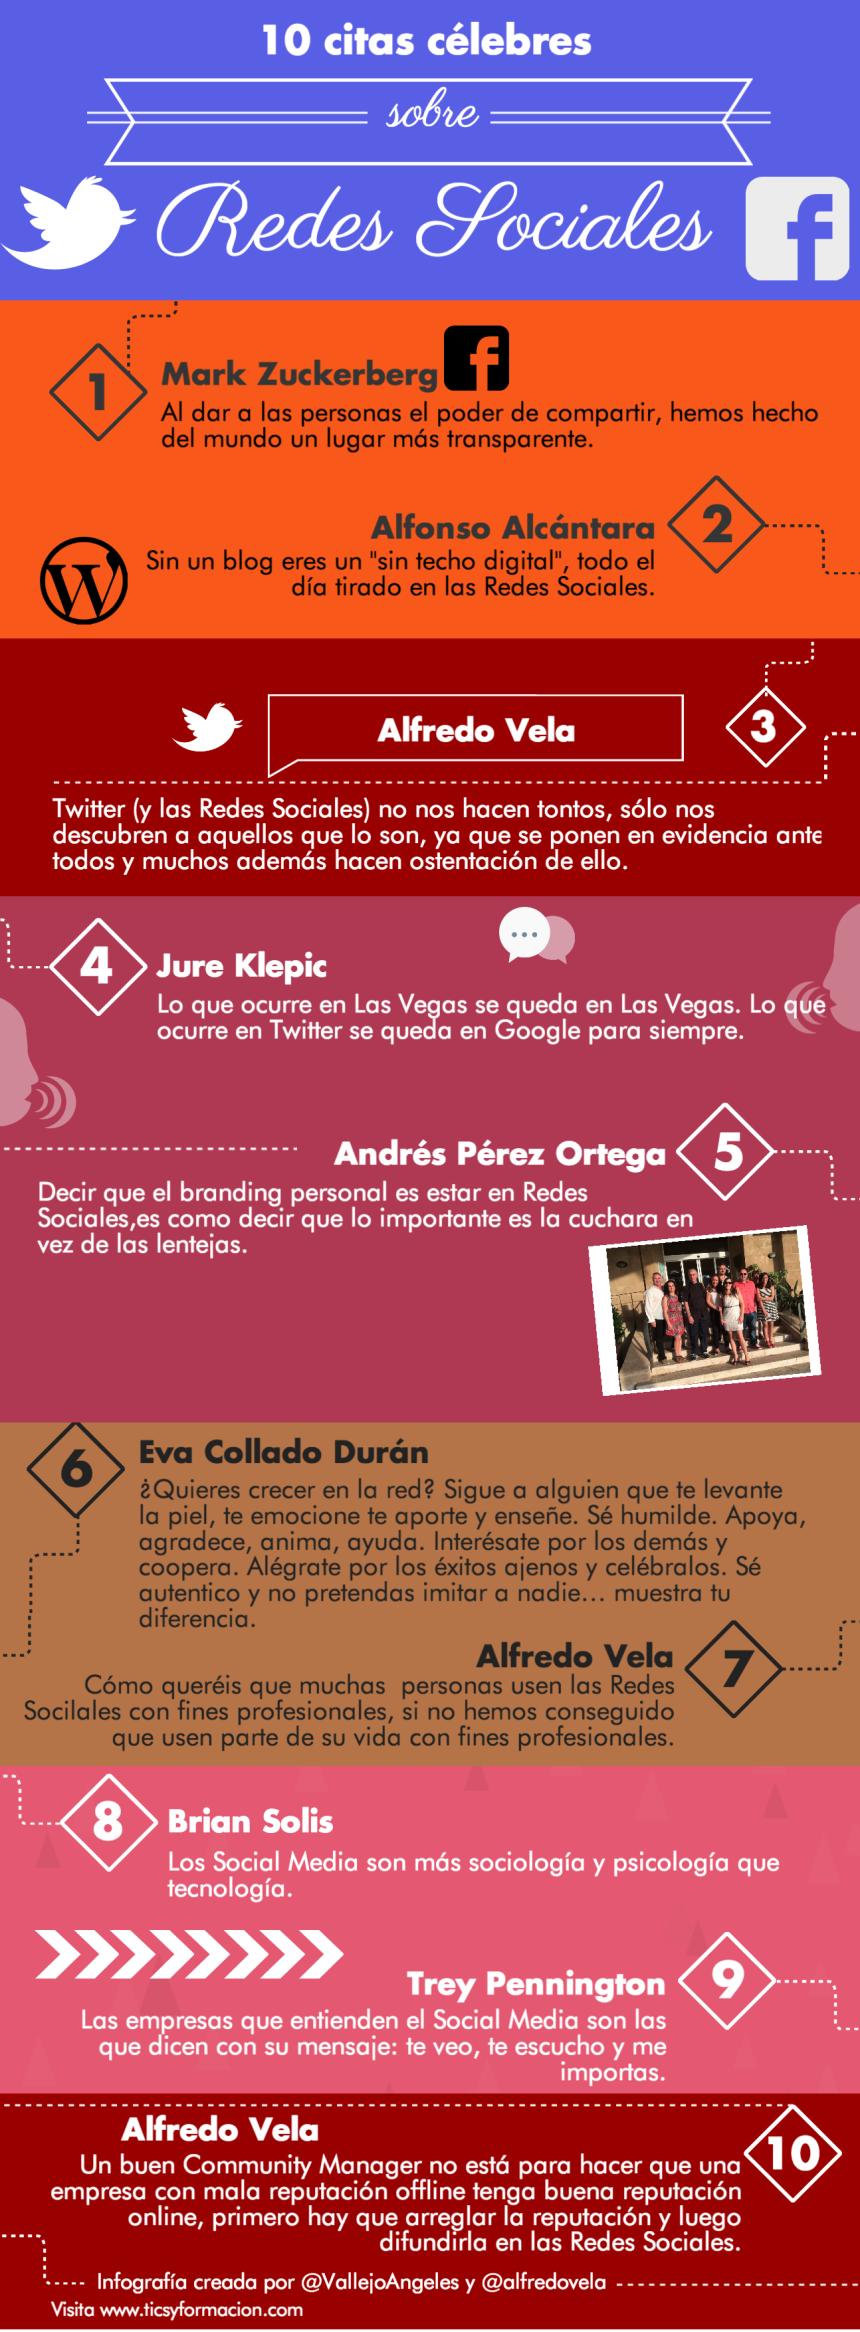 10 citas célebres sobre Redes Sociales